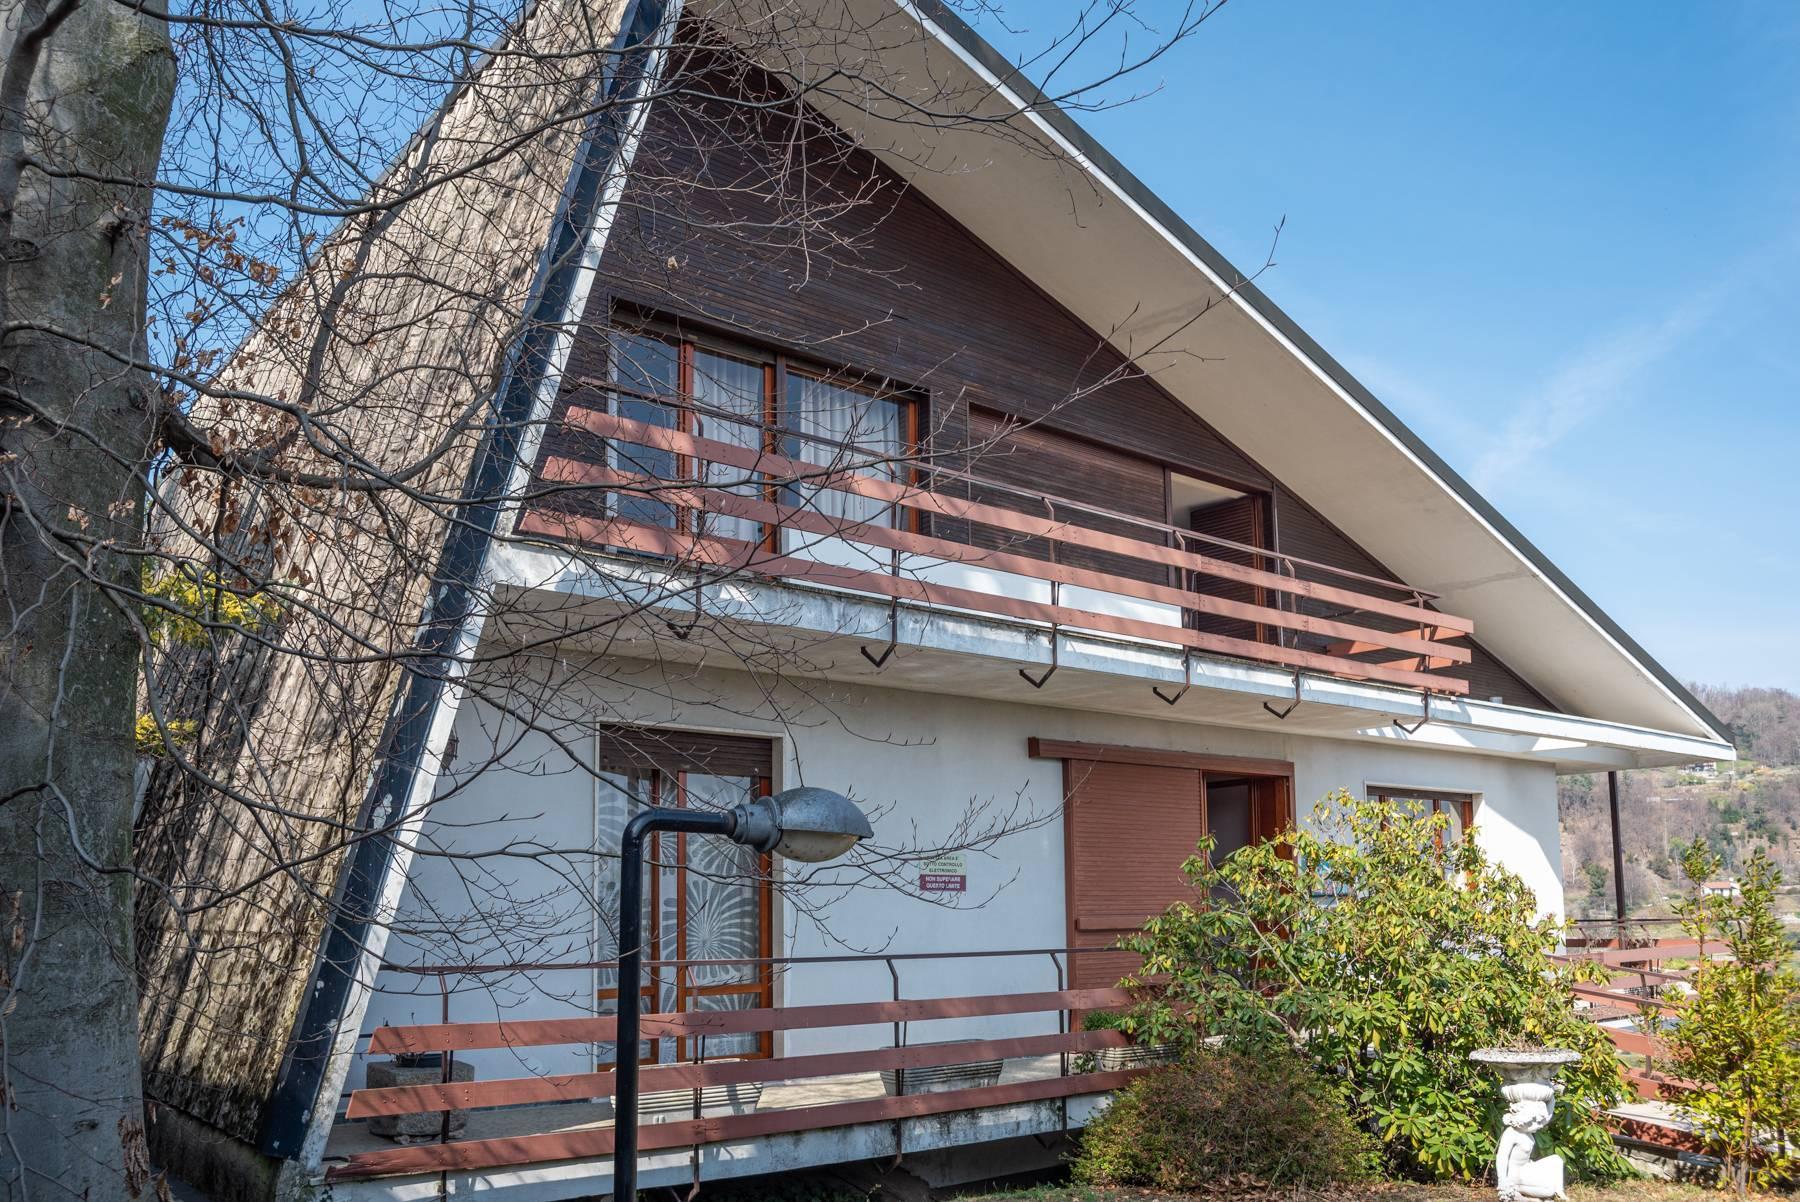 Villa on the hills of Arona overlooking the lake - 15